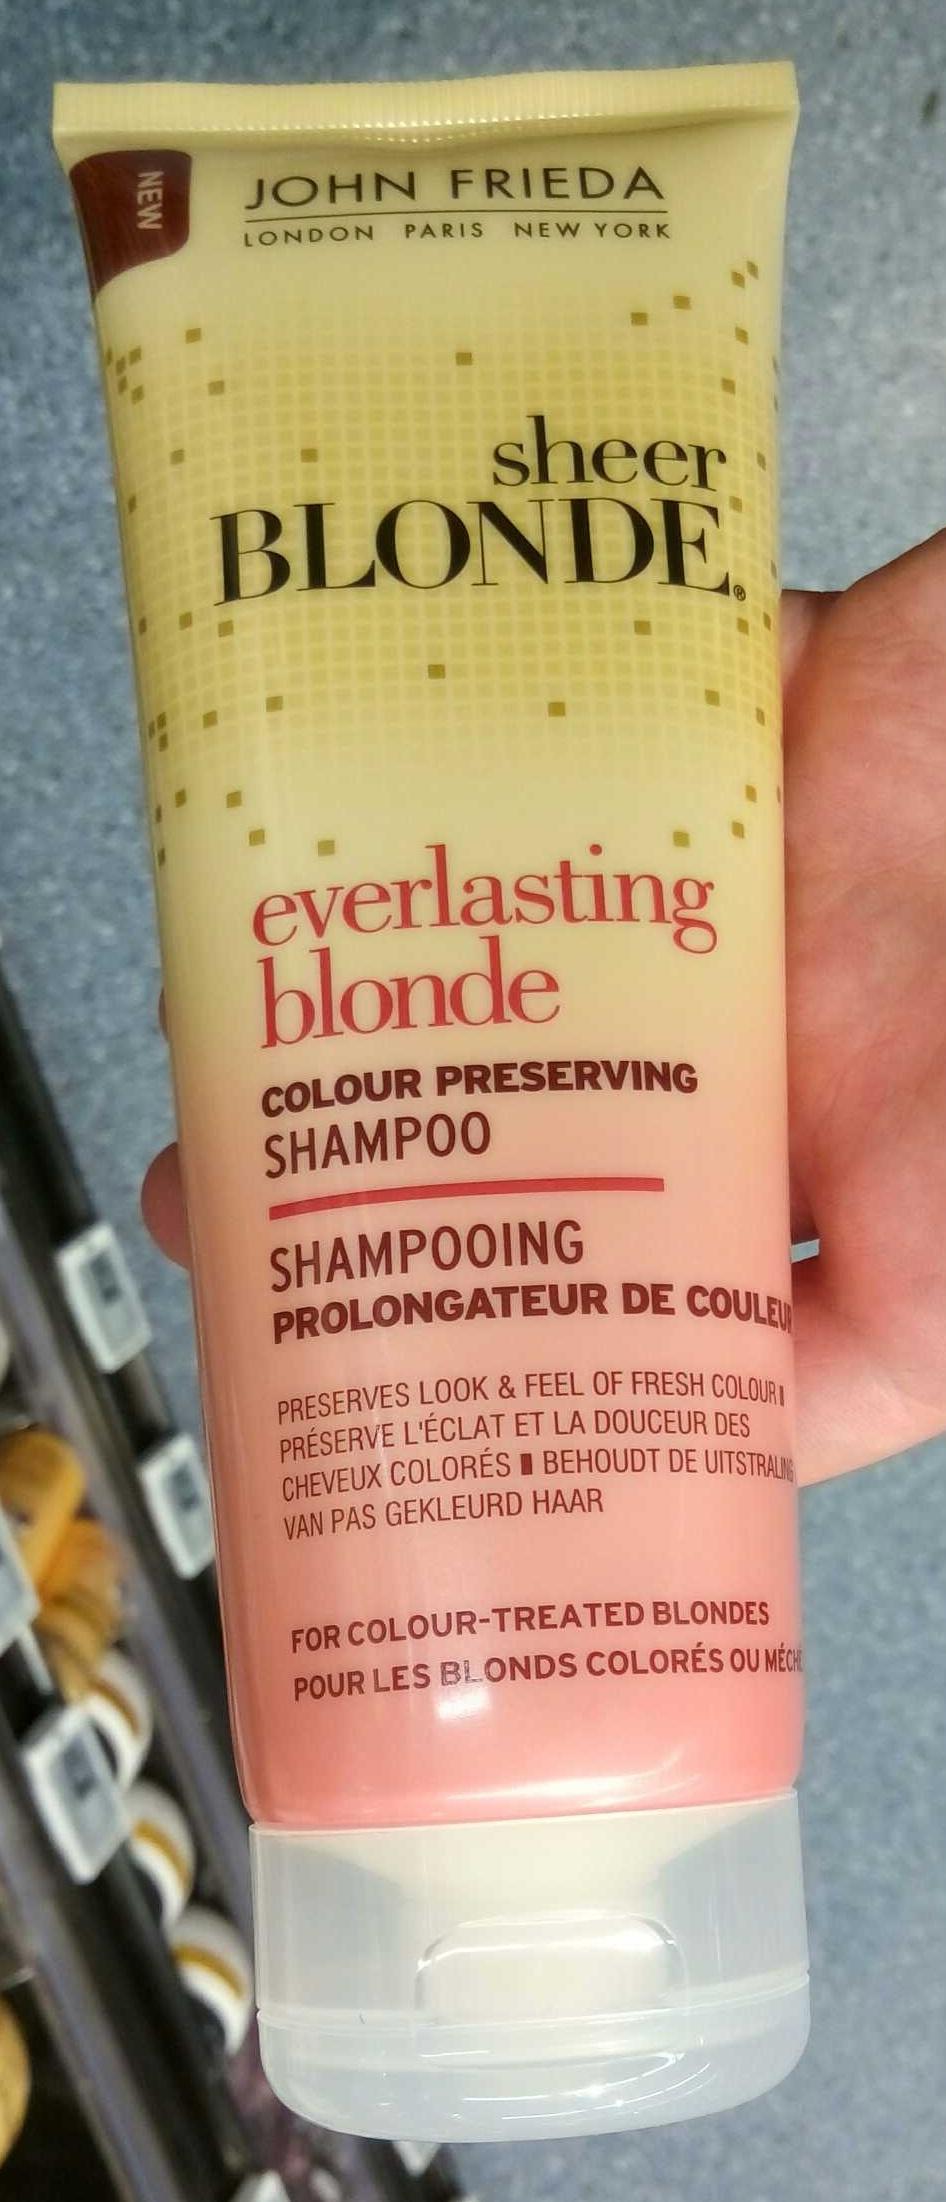 Sheer Blonde Everlasting Blonde Shampooing prolongateur de couleur - Product - fr